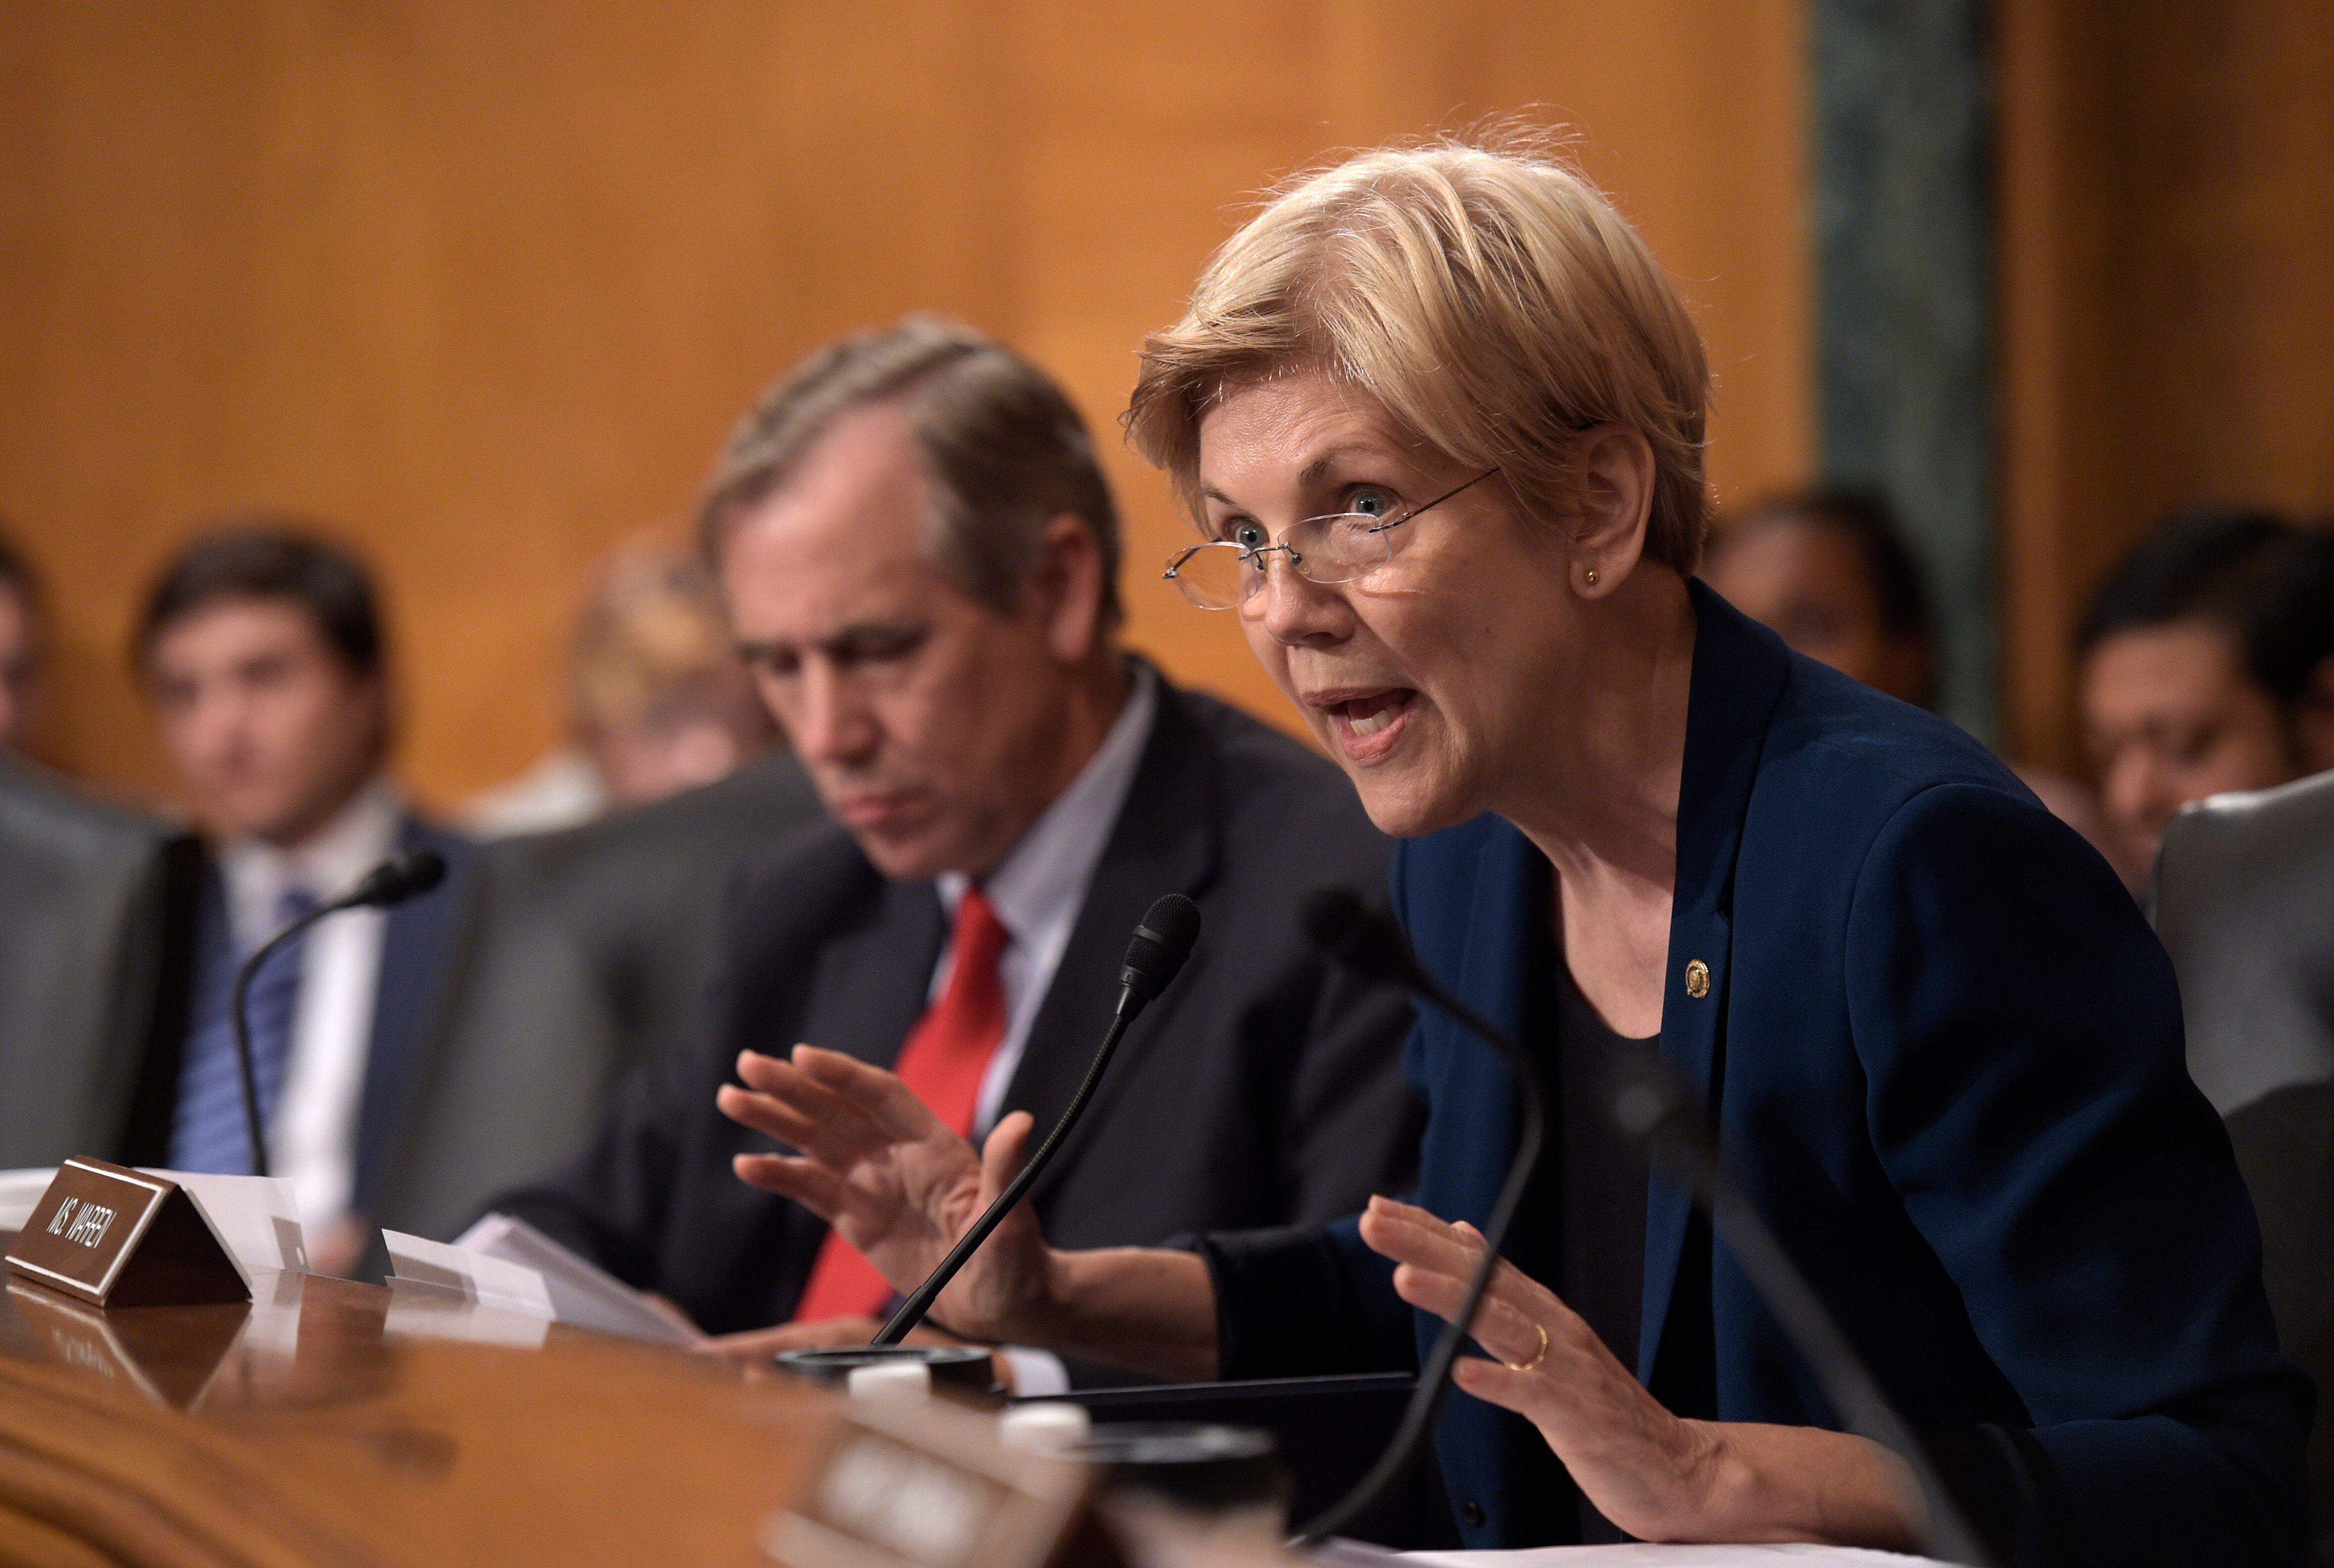 Sen. Elizabeth Warren (D-Mass.), long a foe of Wall Street, is nonetheless acceptable to centrist think tank Third Way. Sande